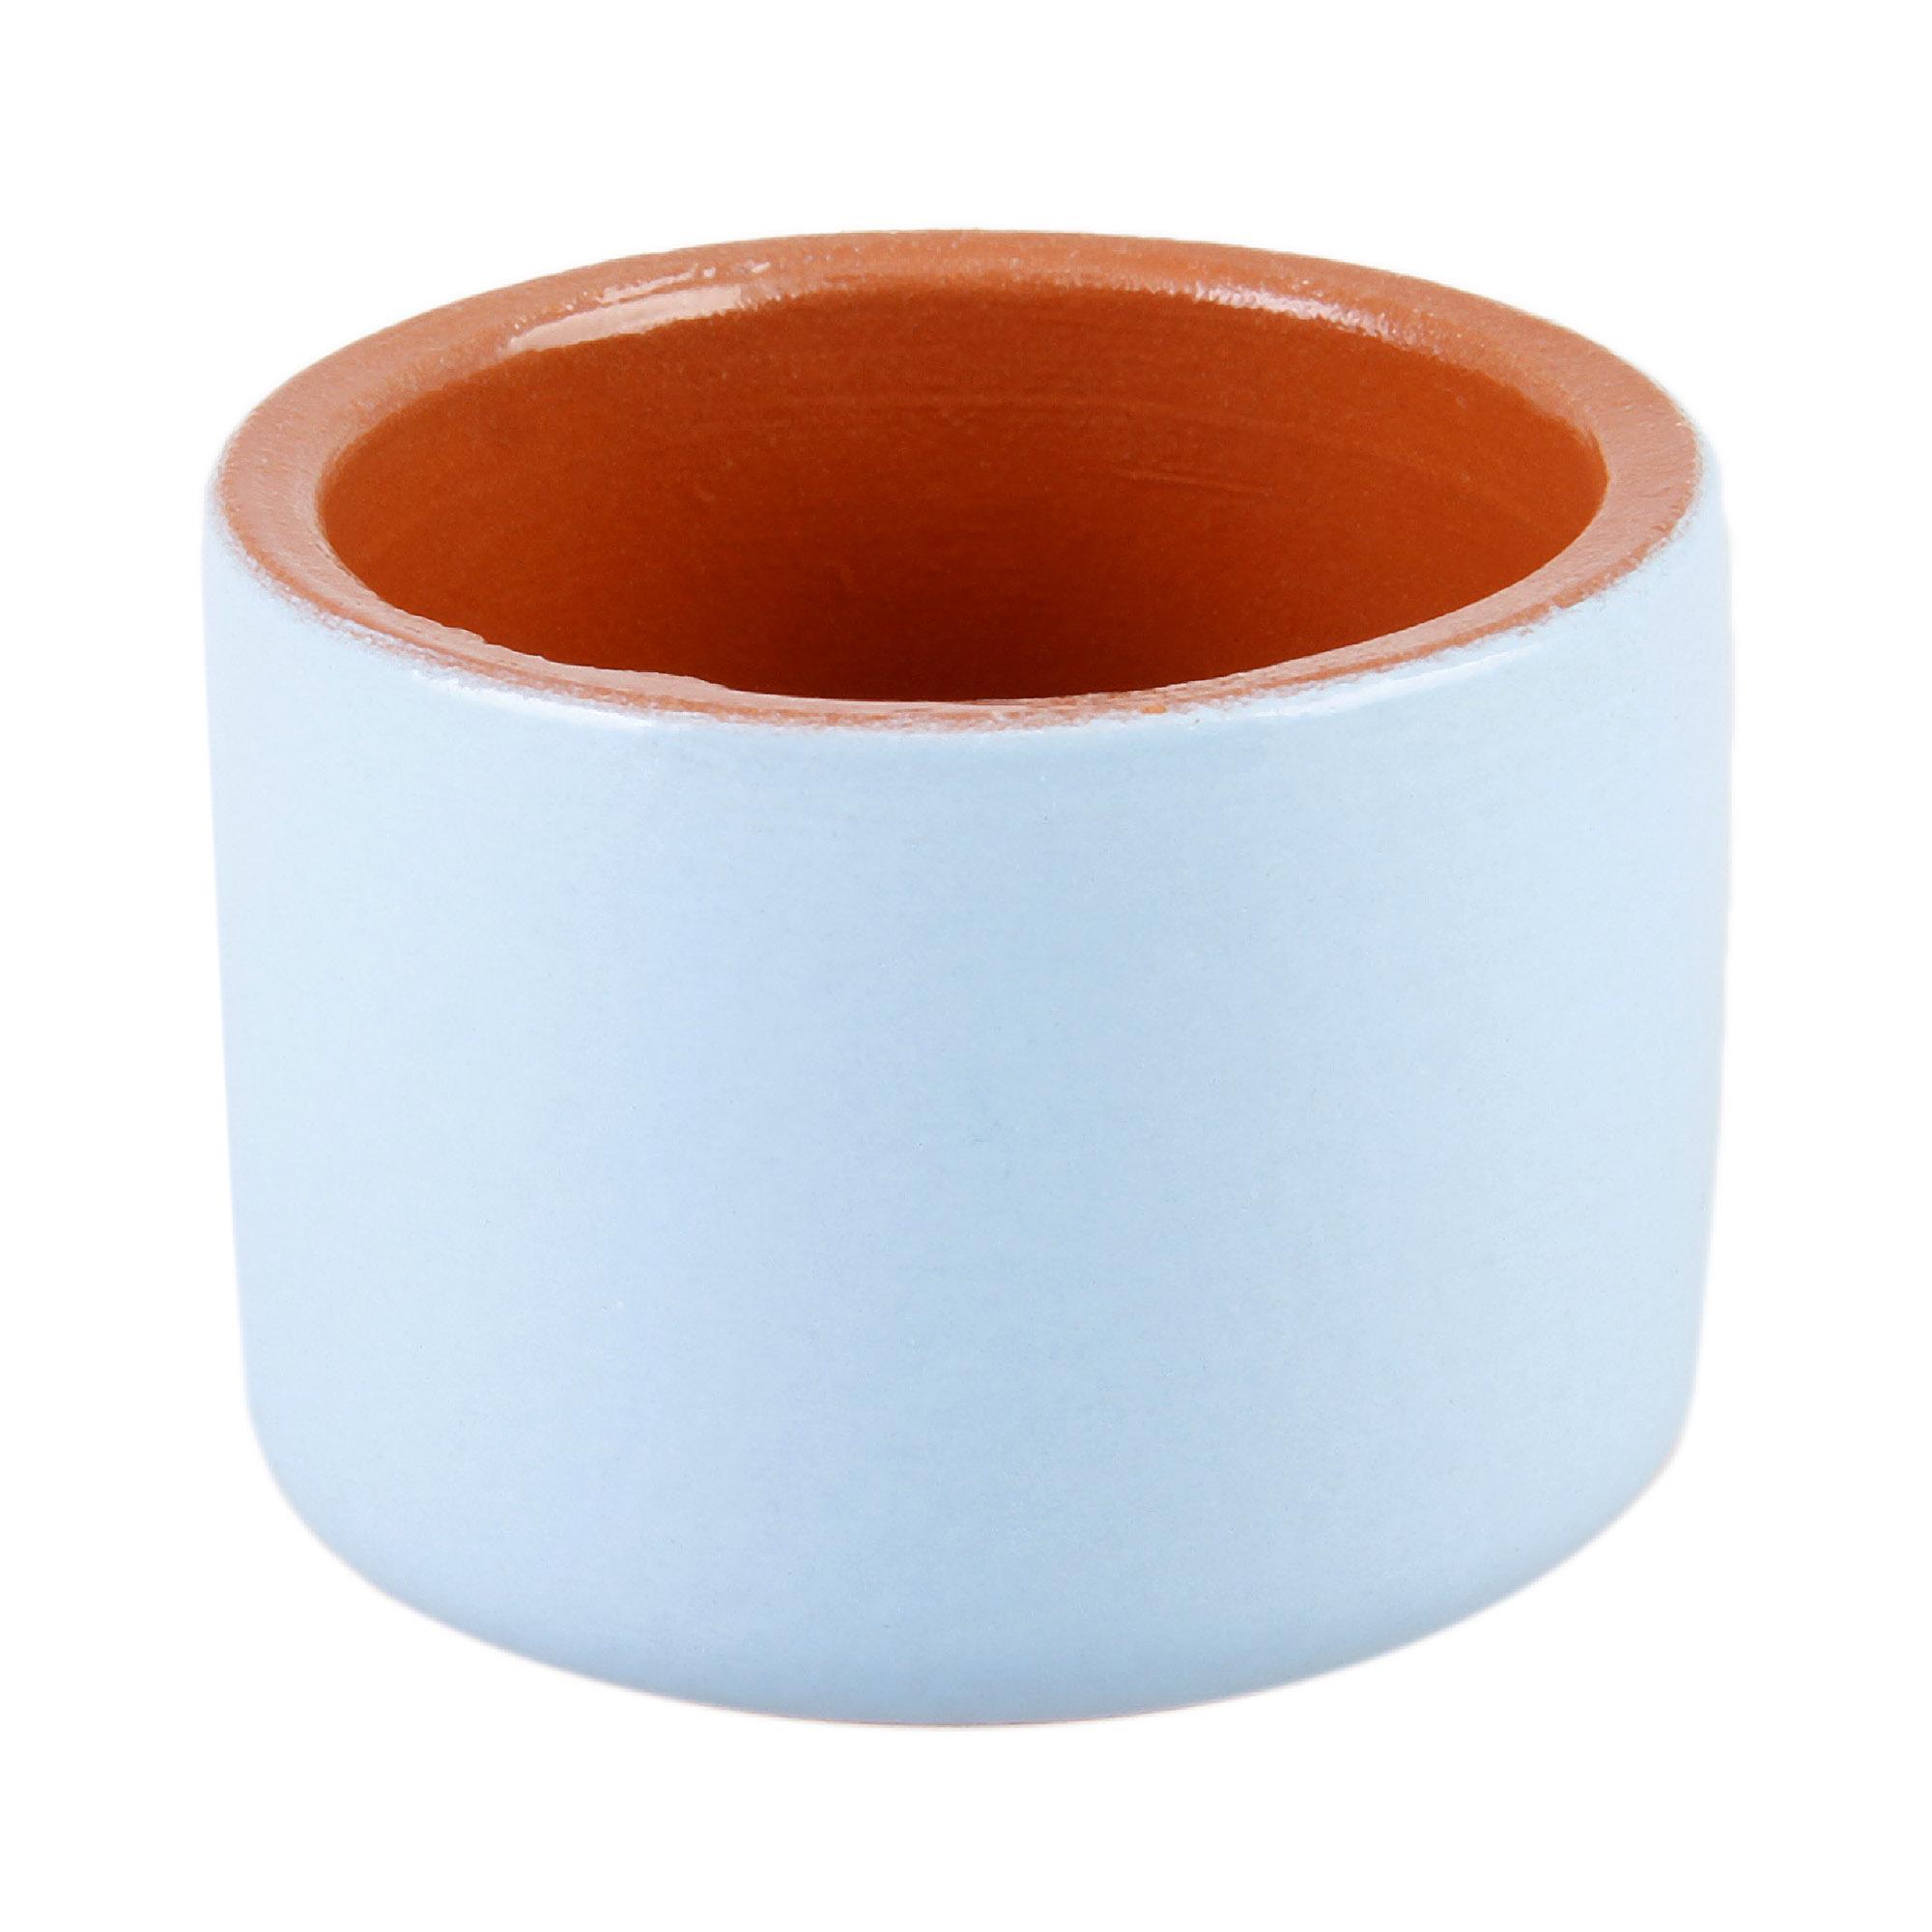 Фото - Форма для маффинов 0.1л светлый микс Вятская керамика набор керамических горшков 3 предмета вятская керамика нбр вк 1 3